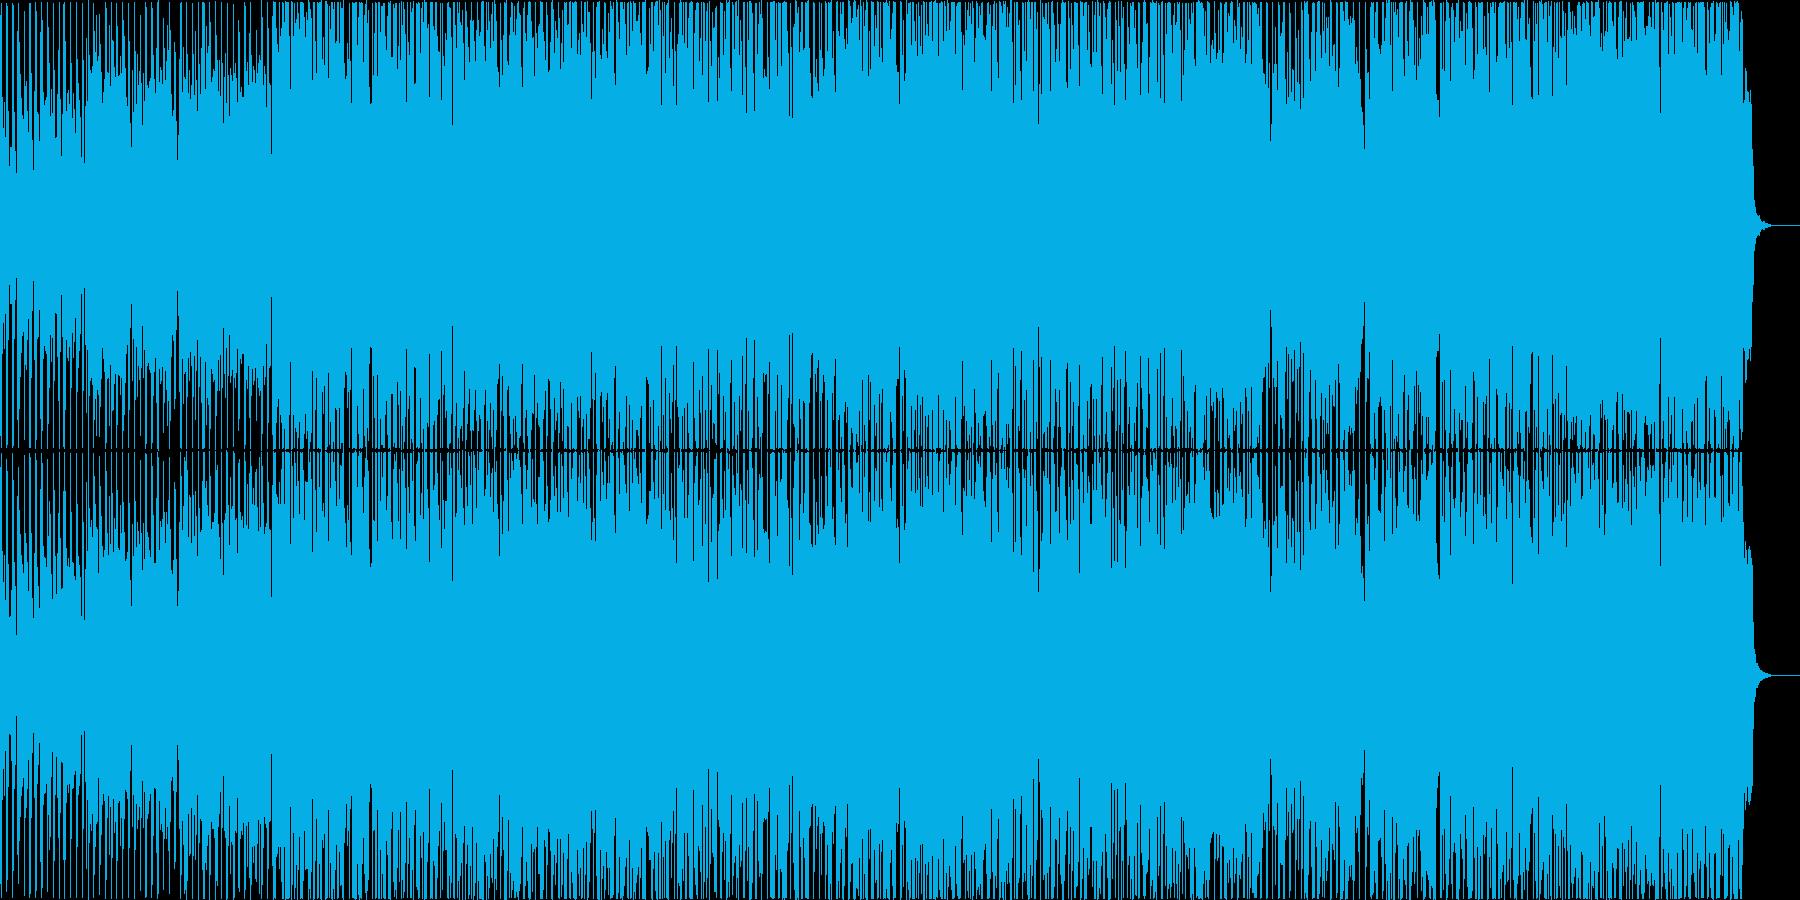 Pinfuの再生済みの波形